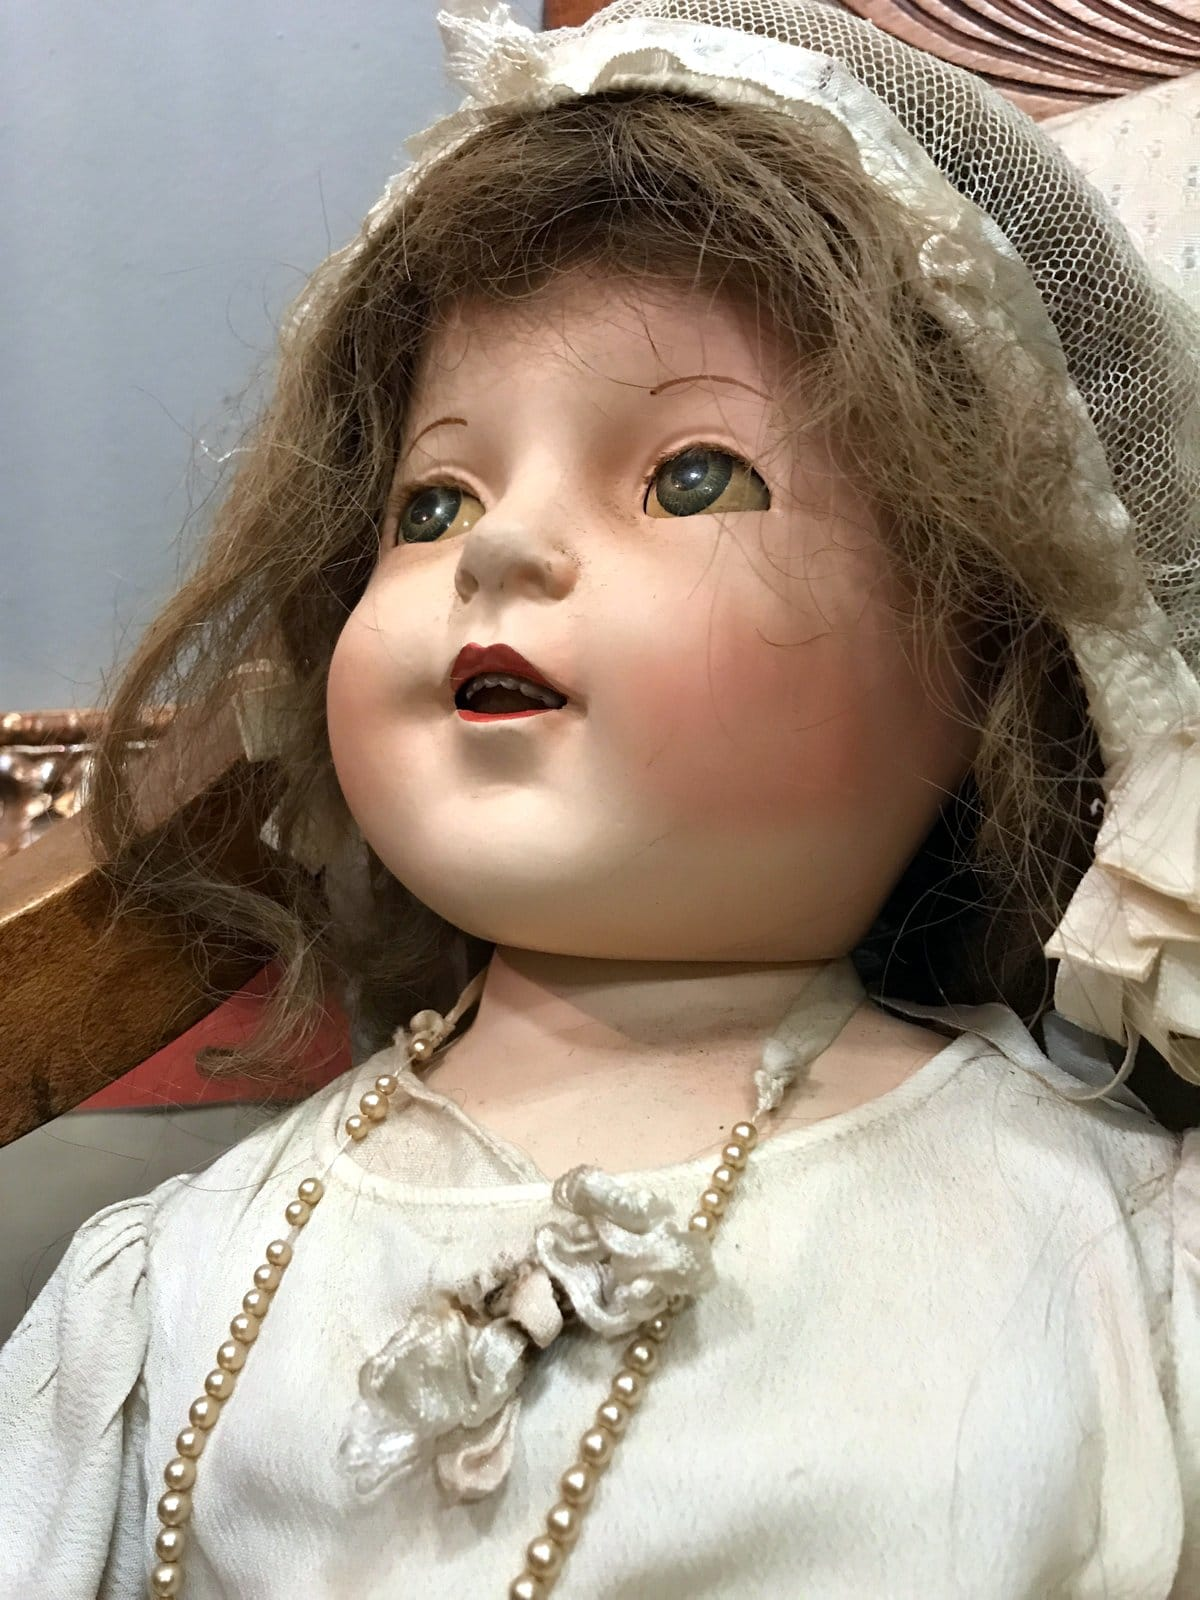 Antique ceramic baby doll